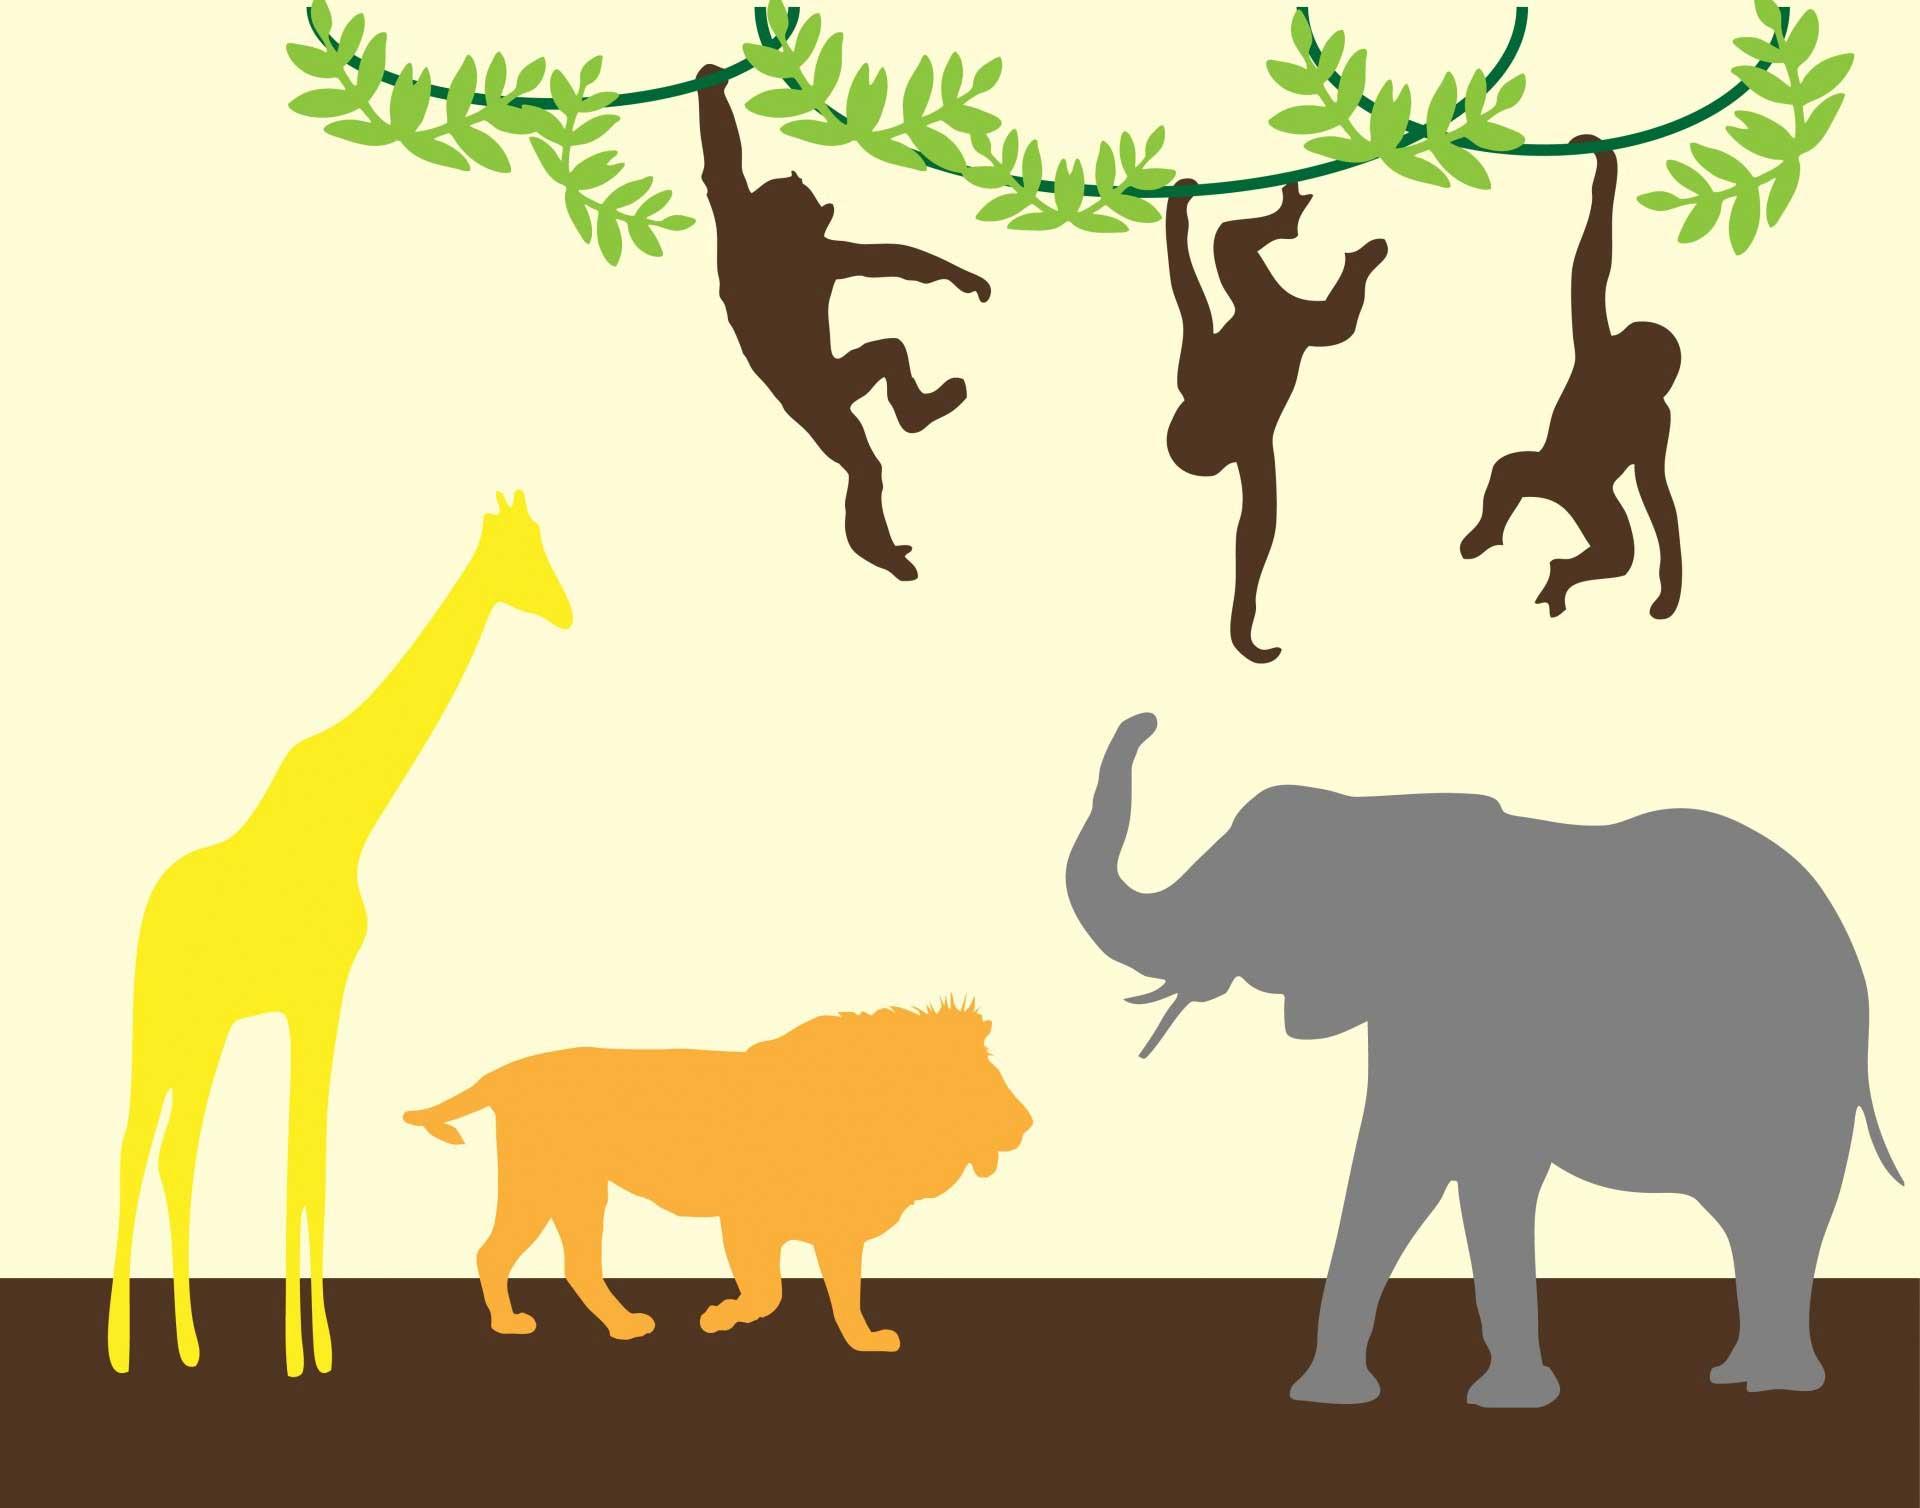 Dein Dschungelparty Geburtstag Kindergeburtstag Or At